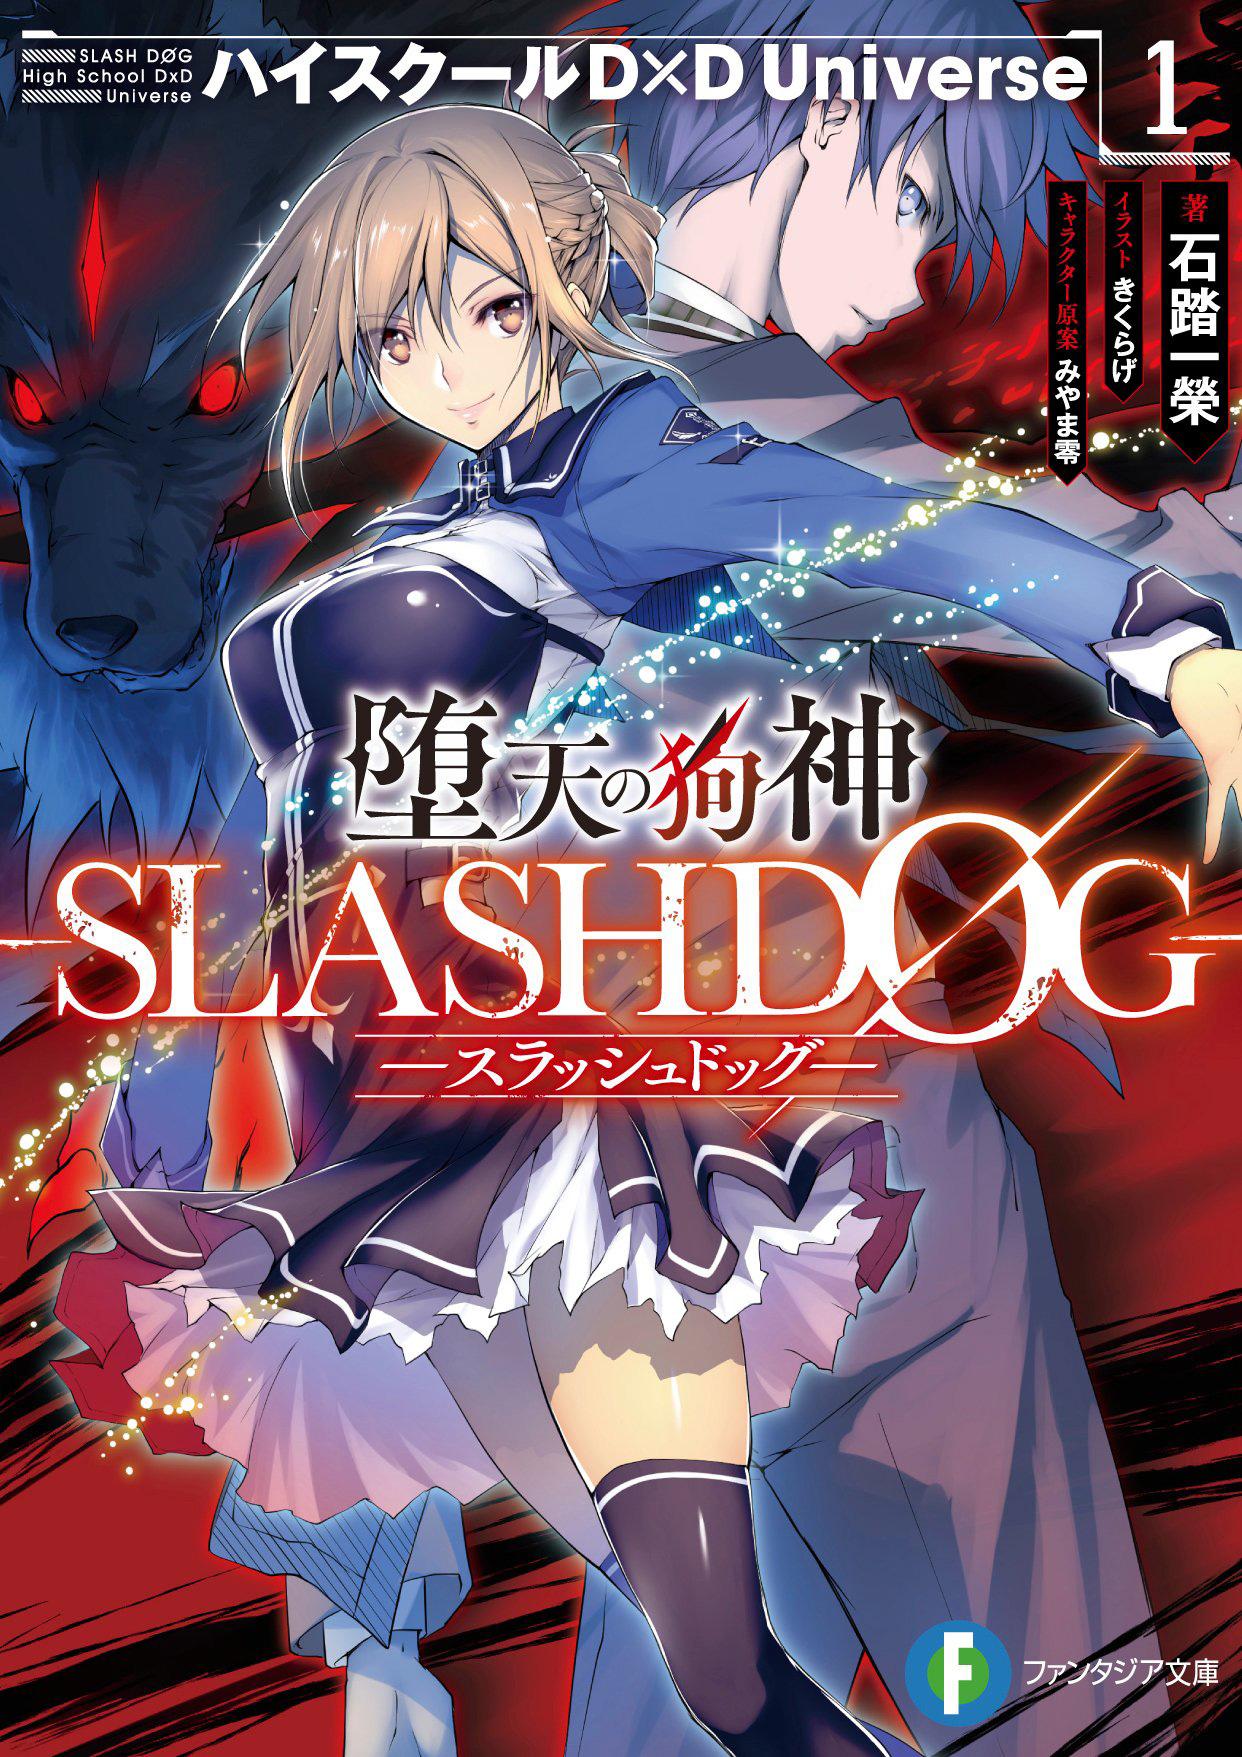 Capa do volume 1 de Slashdog